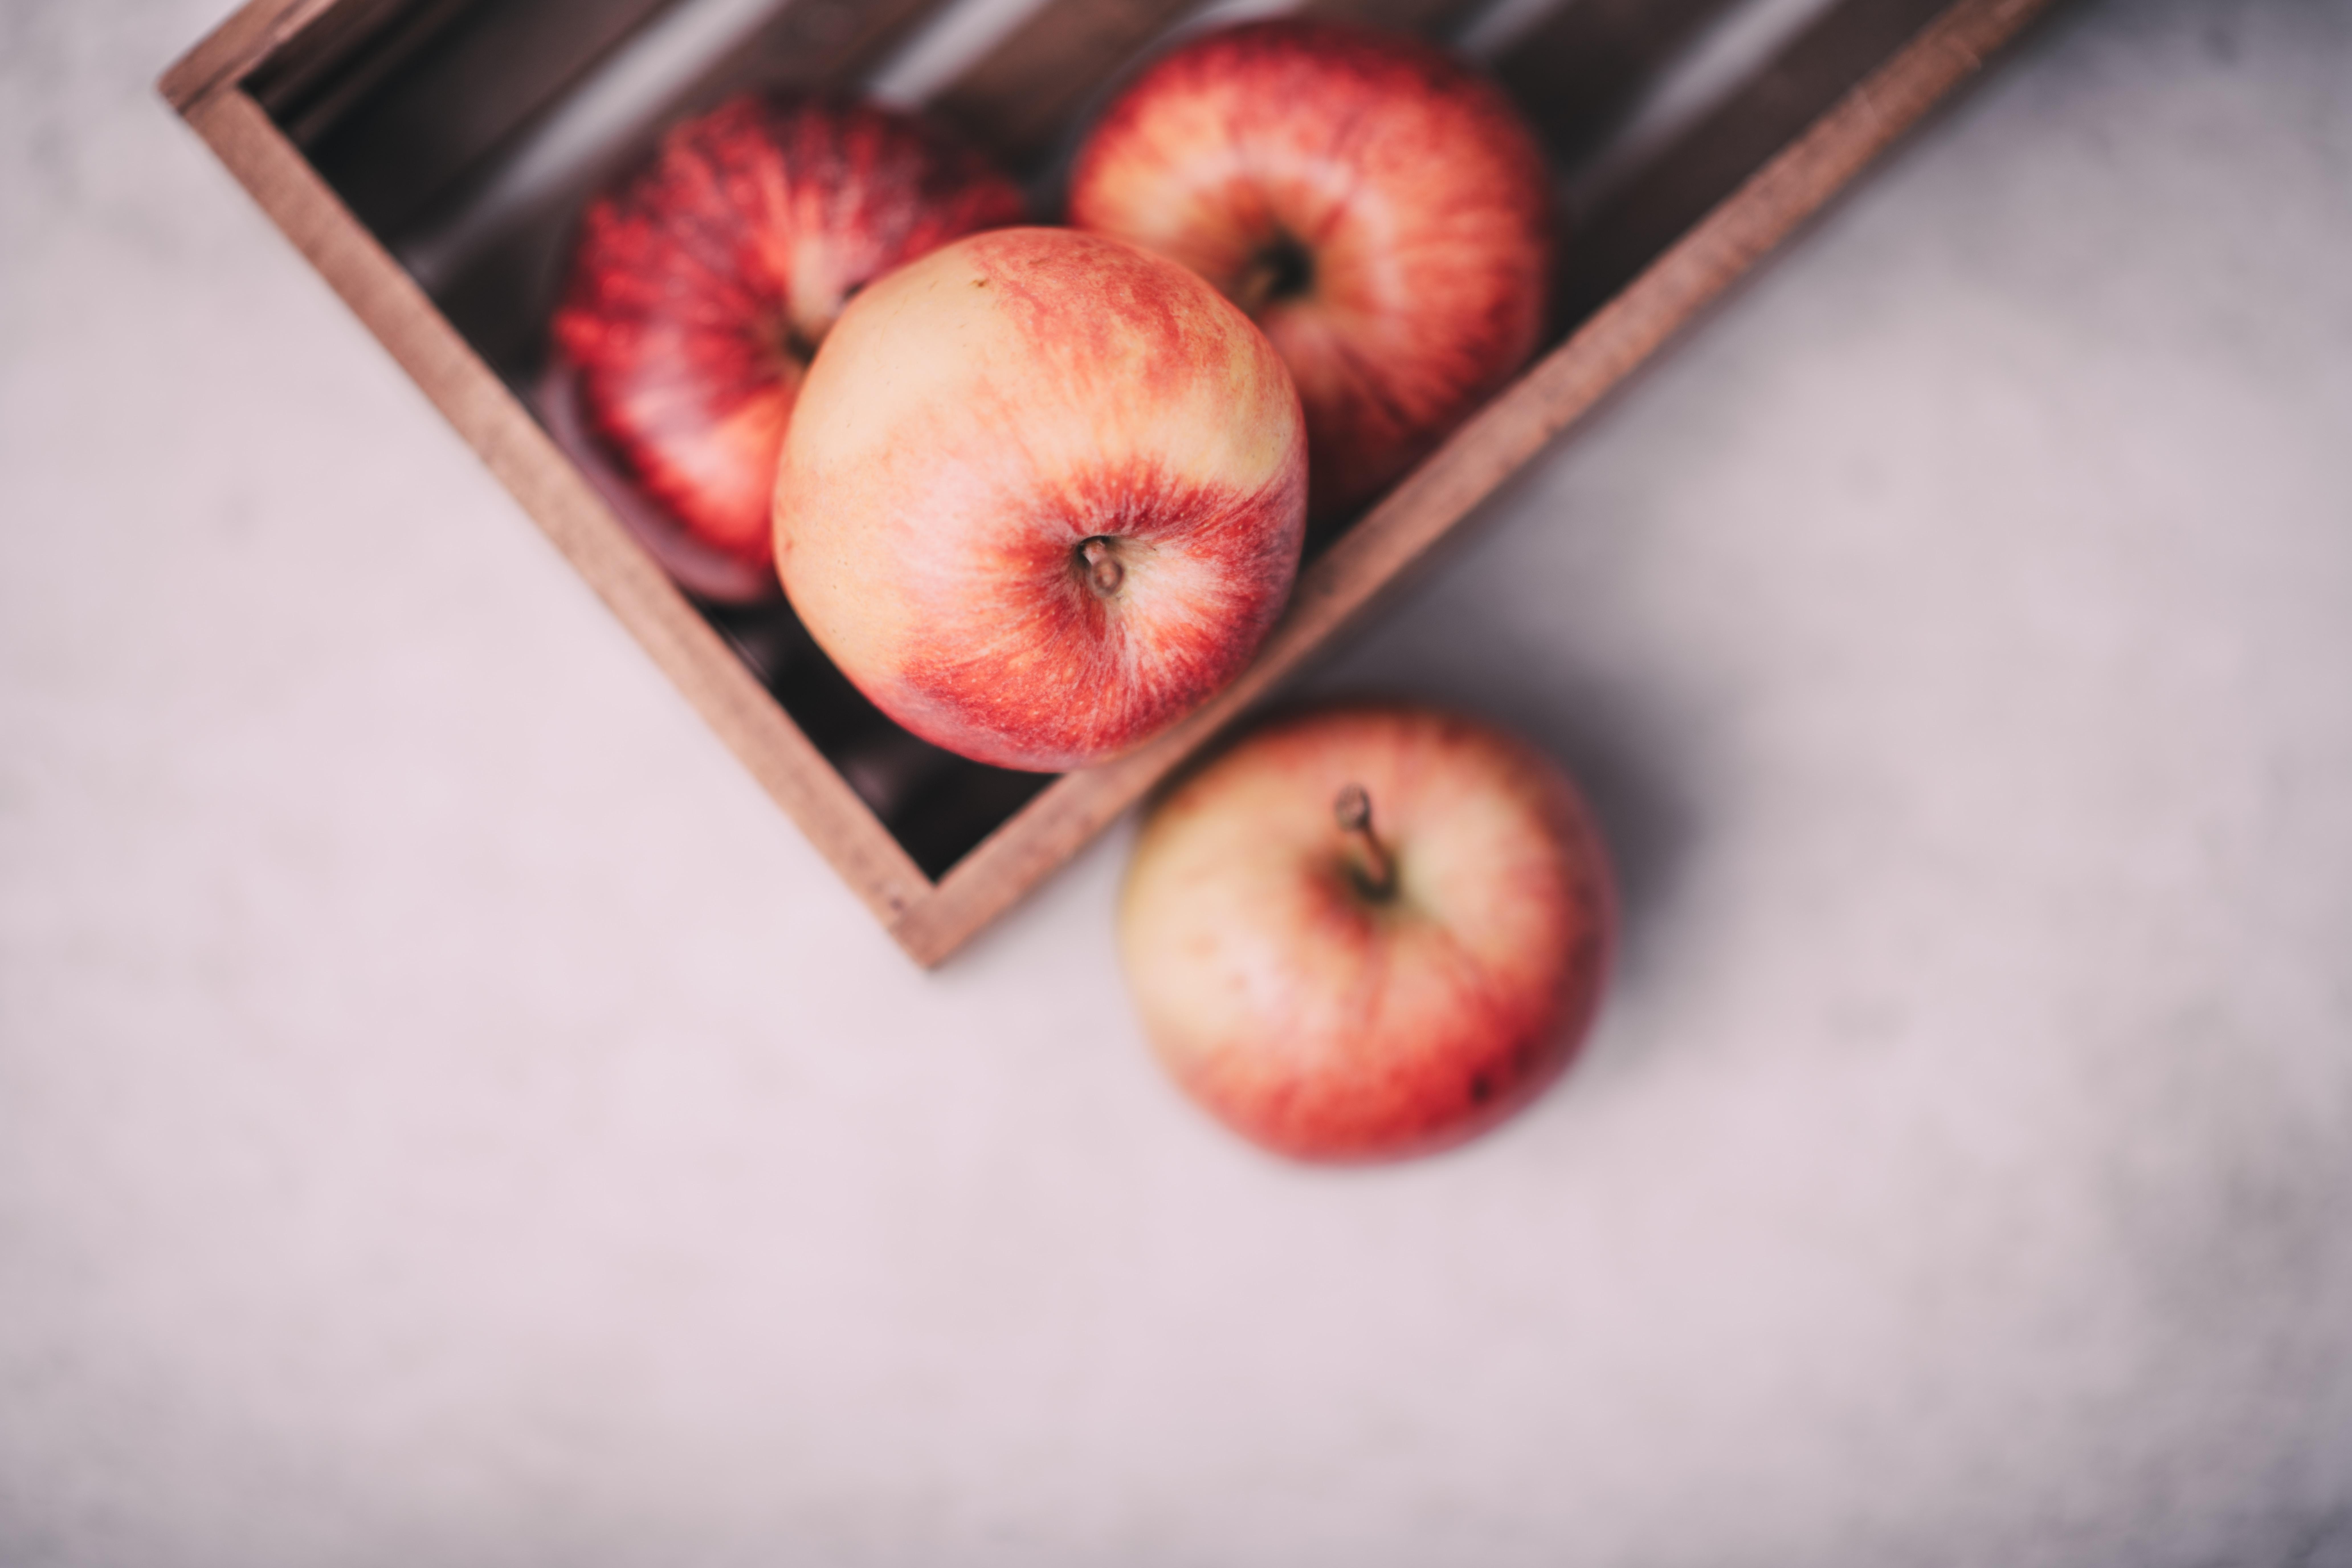 夢占いでリンゴのが意味するサインは?リンゴが夢に出てきた意味を解説